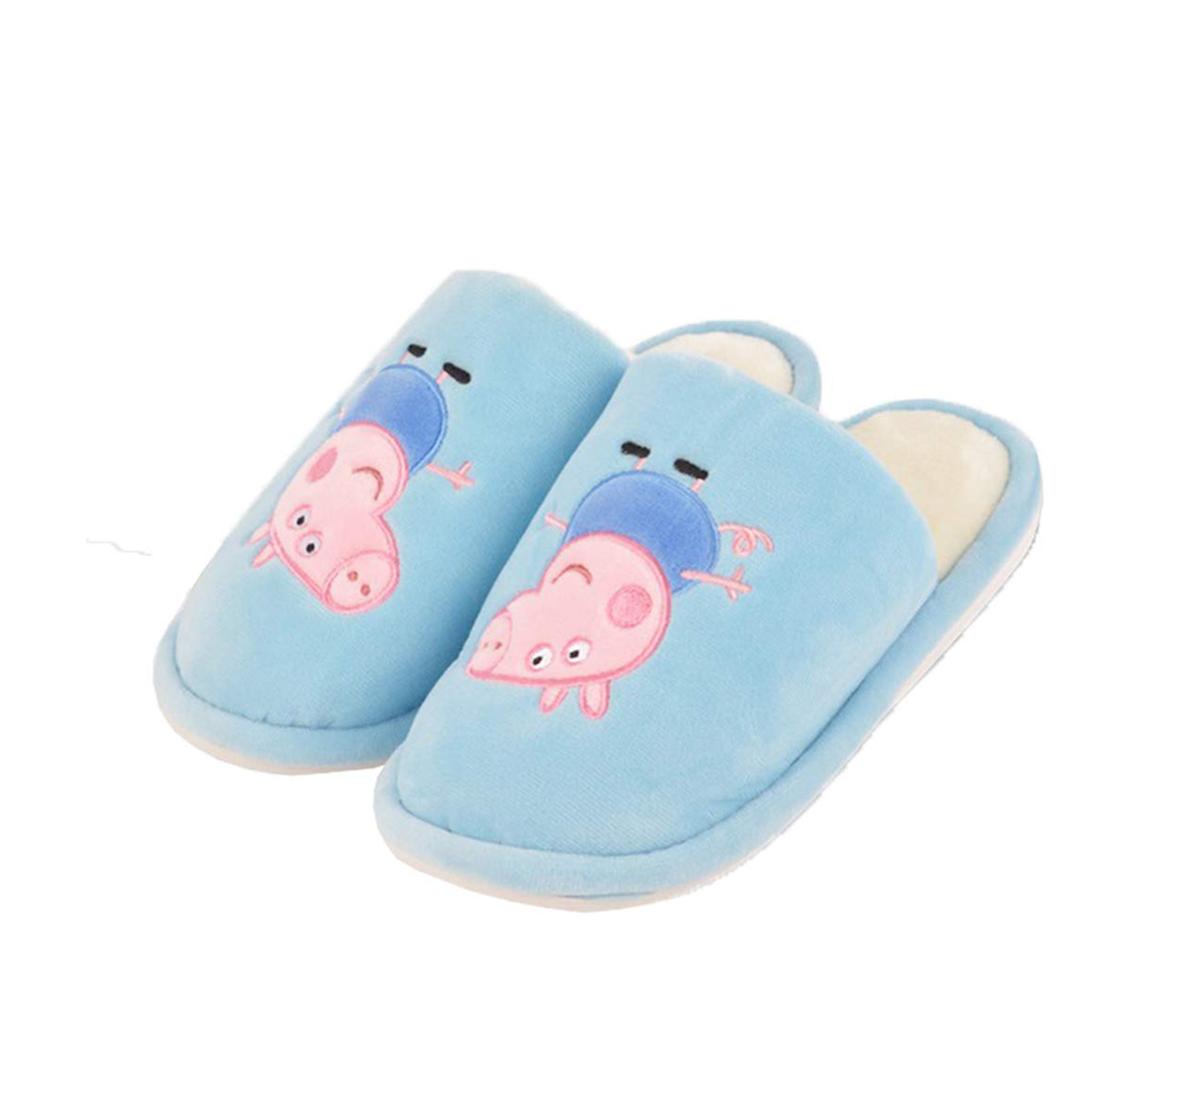 Peppa Pig | Peppa Pig Slipper Plush Accessory for Girls age 3Y+ 22 Cm (Blue)